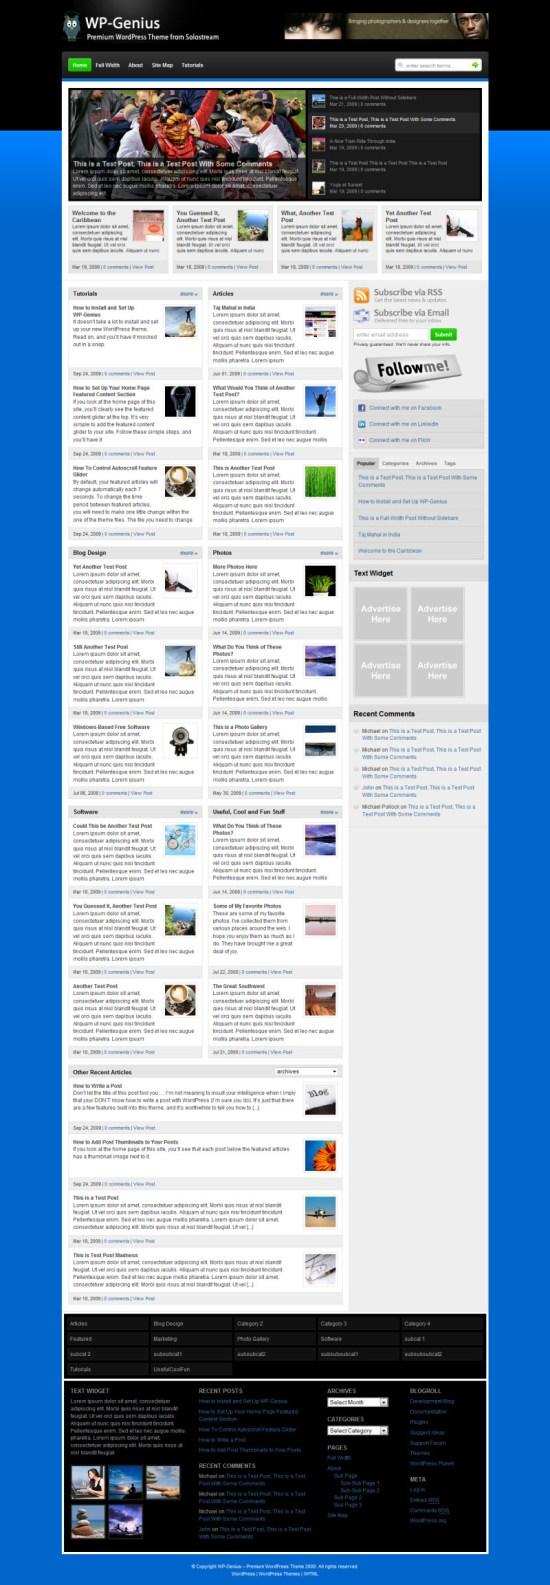 Solostream-WPGenius-Magazine-Theme-Reduced